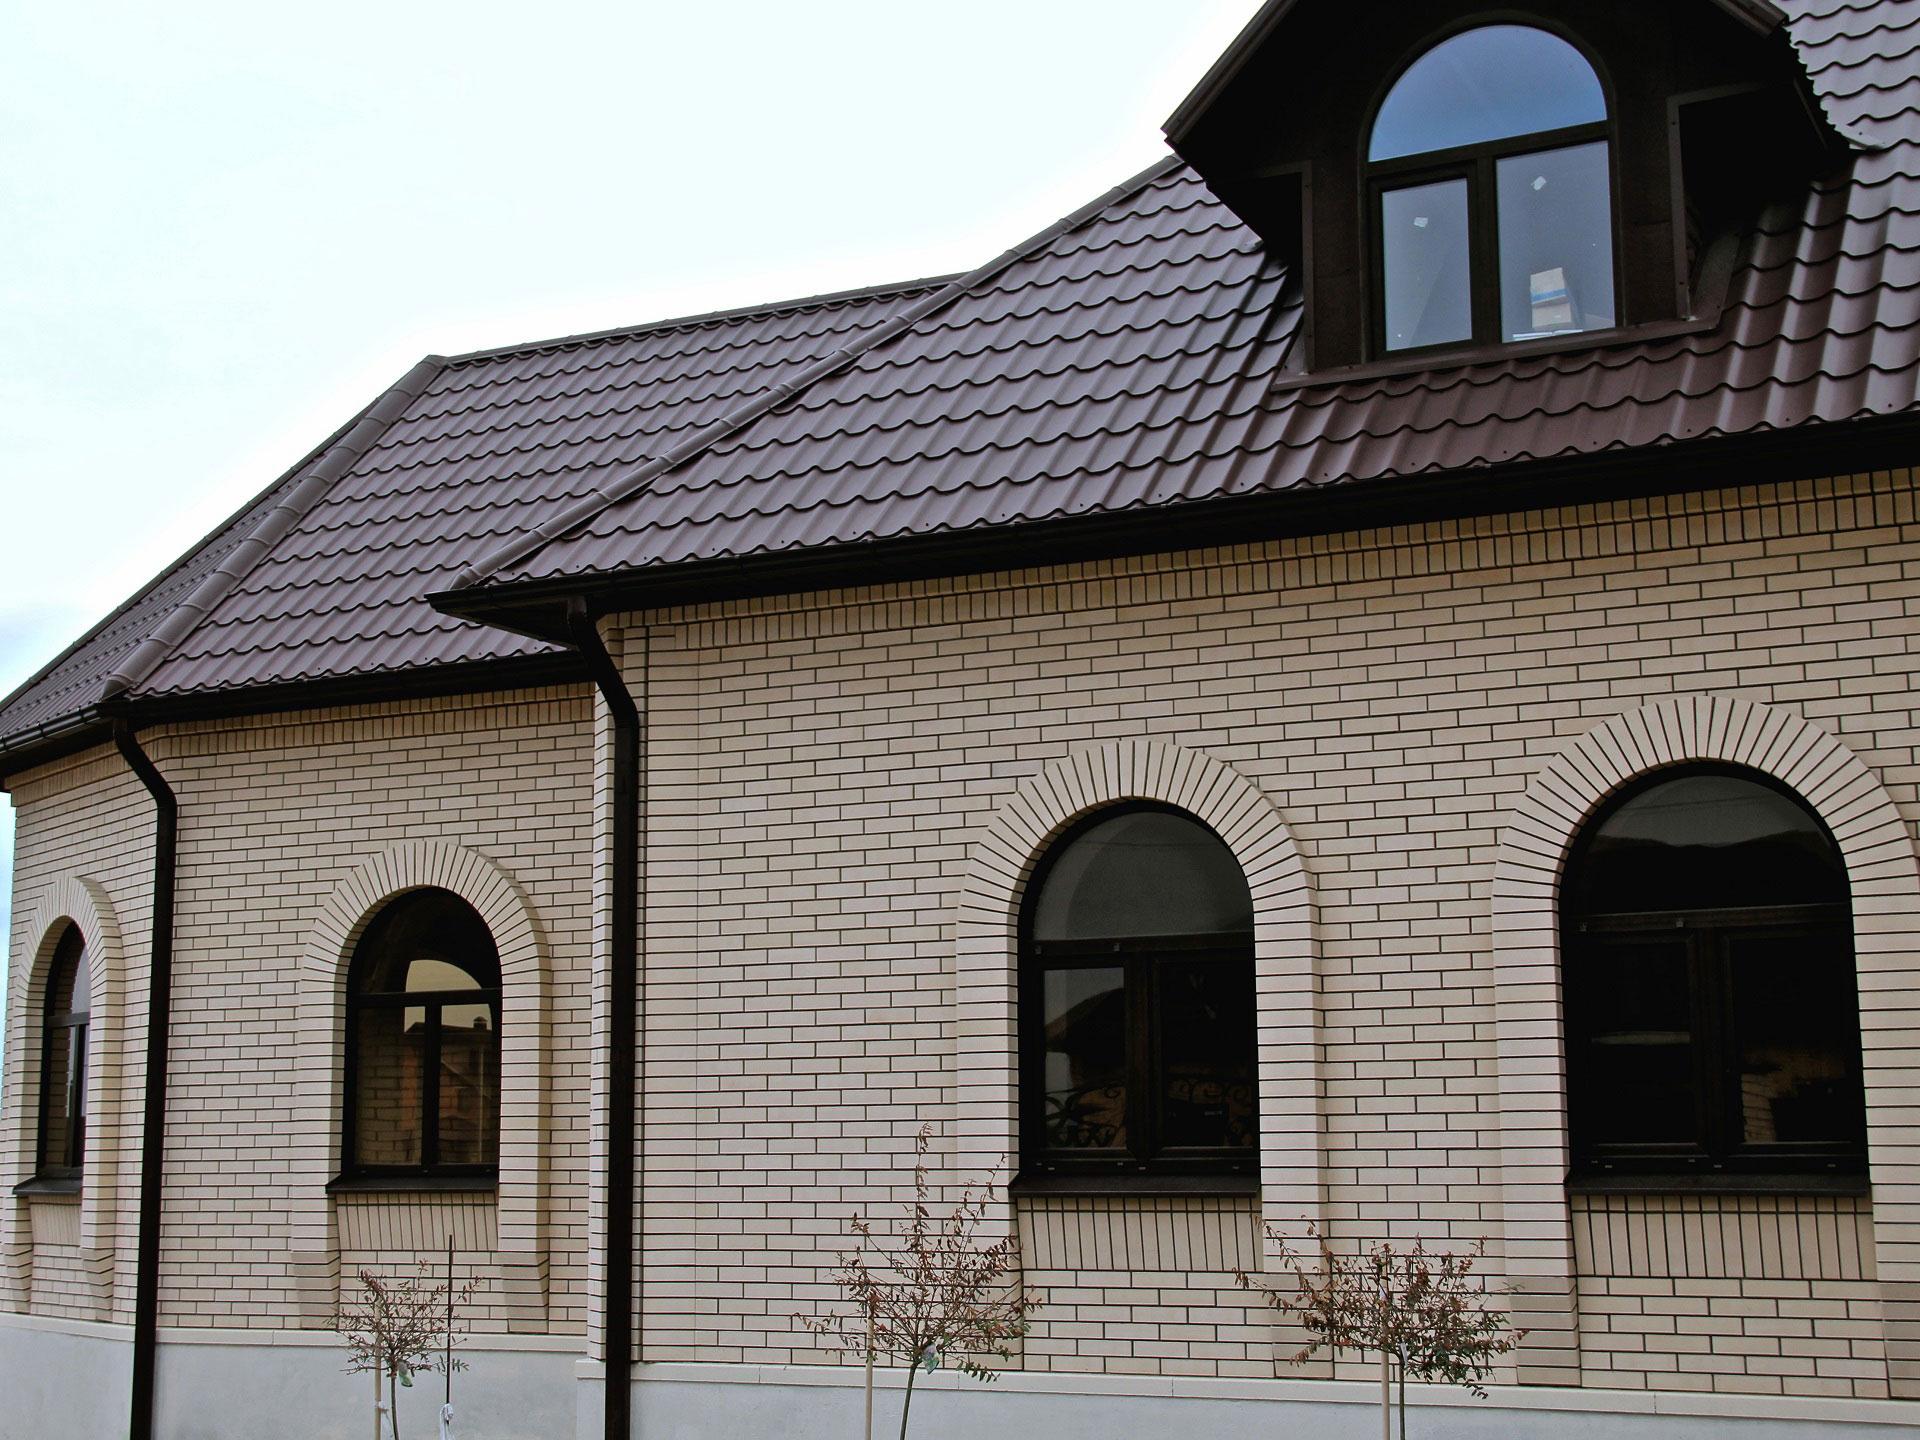 керамический кирпич для фасада дома